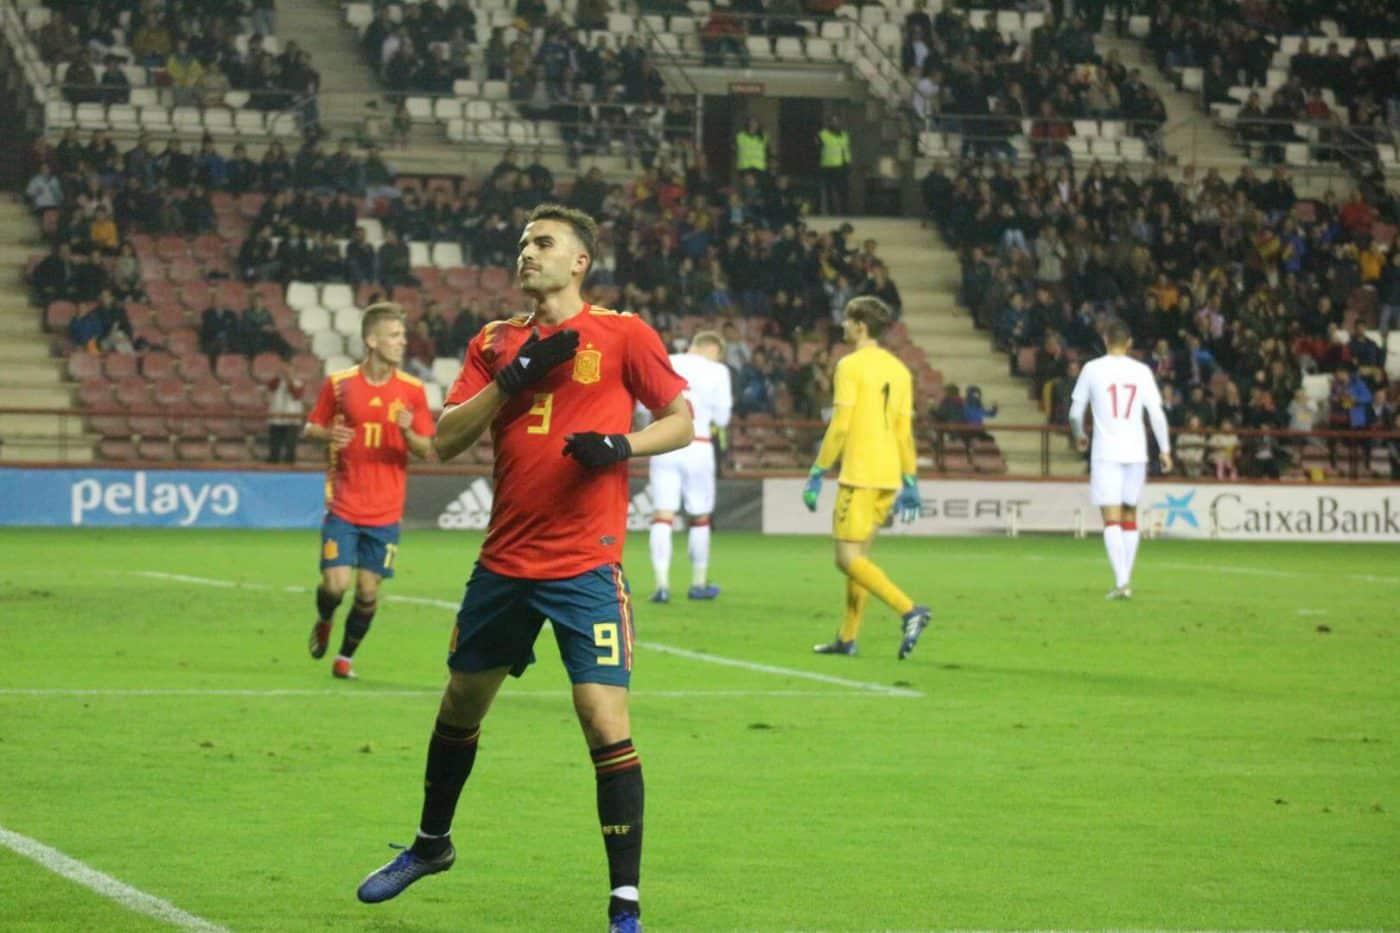 La Sub-21 de Luis de la Fuente remonta y golea en Las Gaunas 20